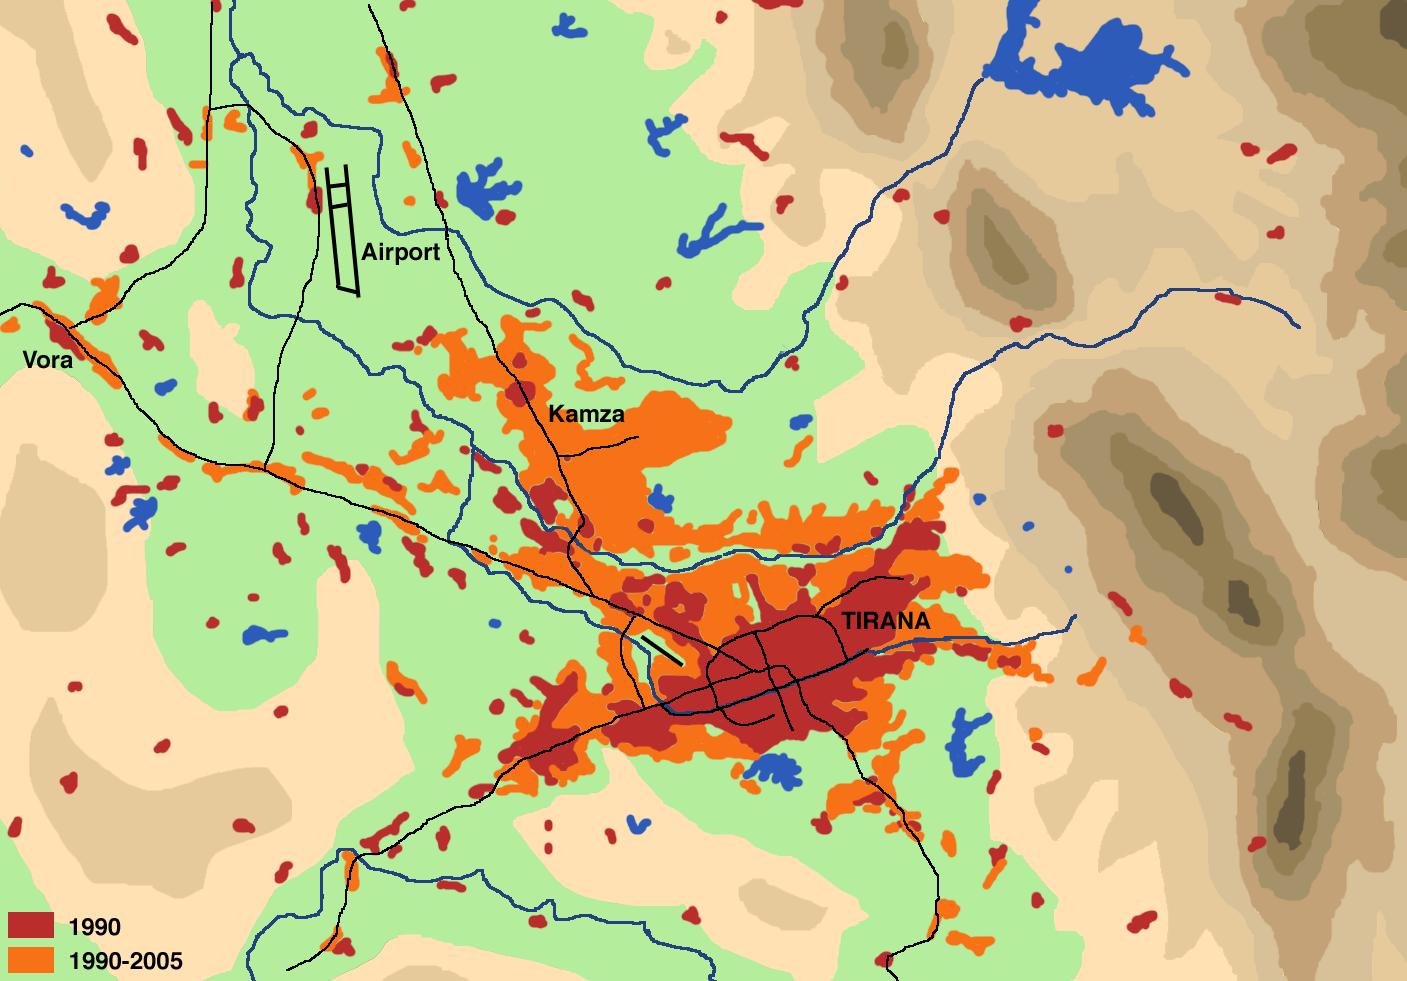 Expansión de Tirana de 1990 a 2005